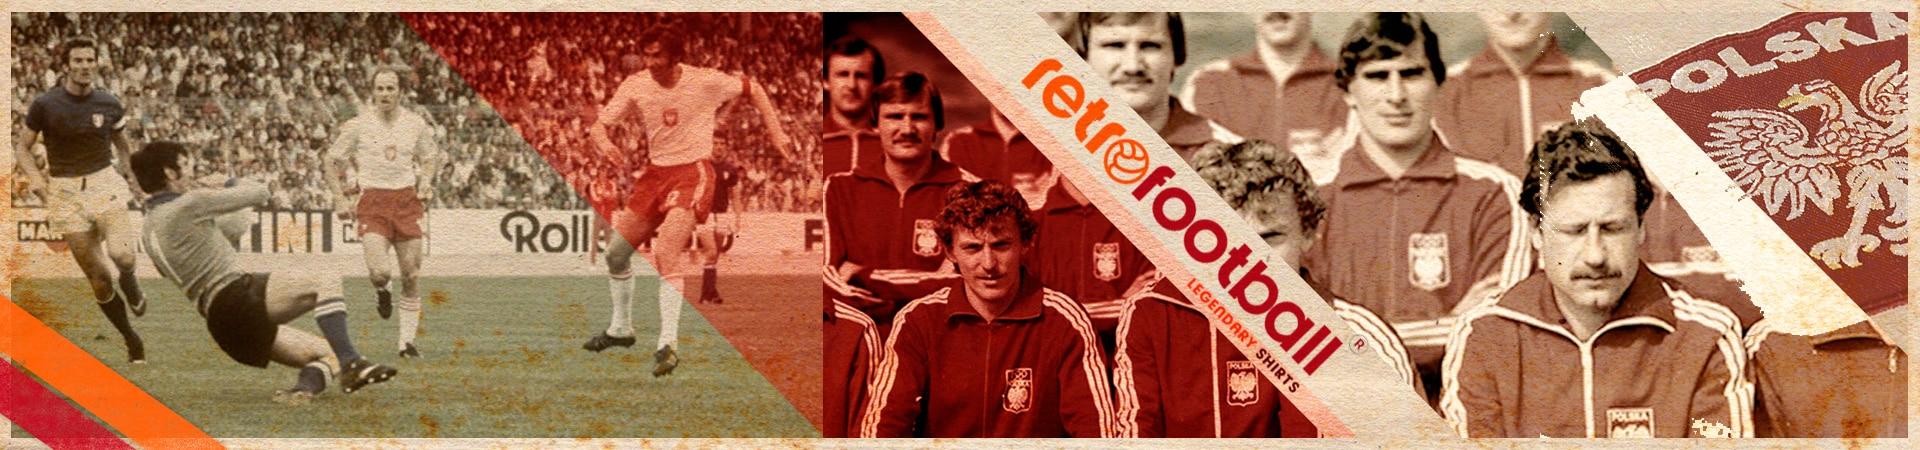 banner retrofootball polska